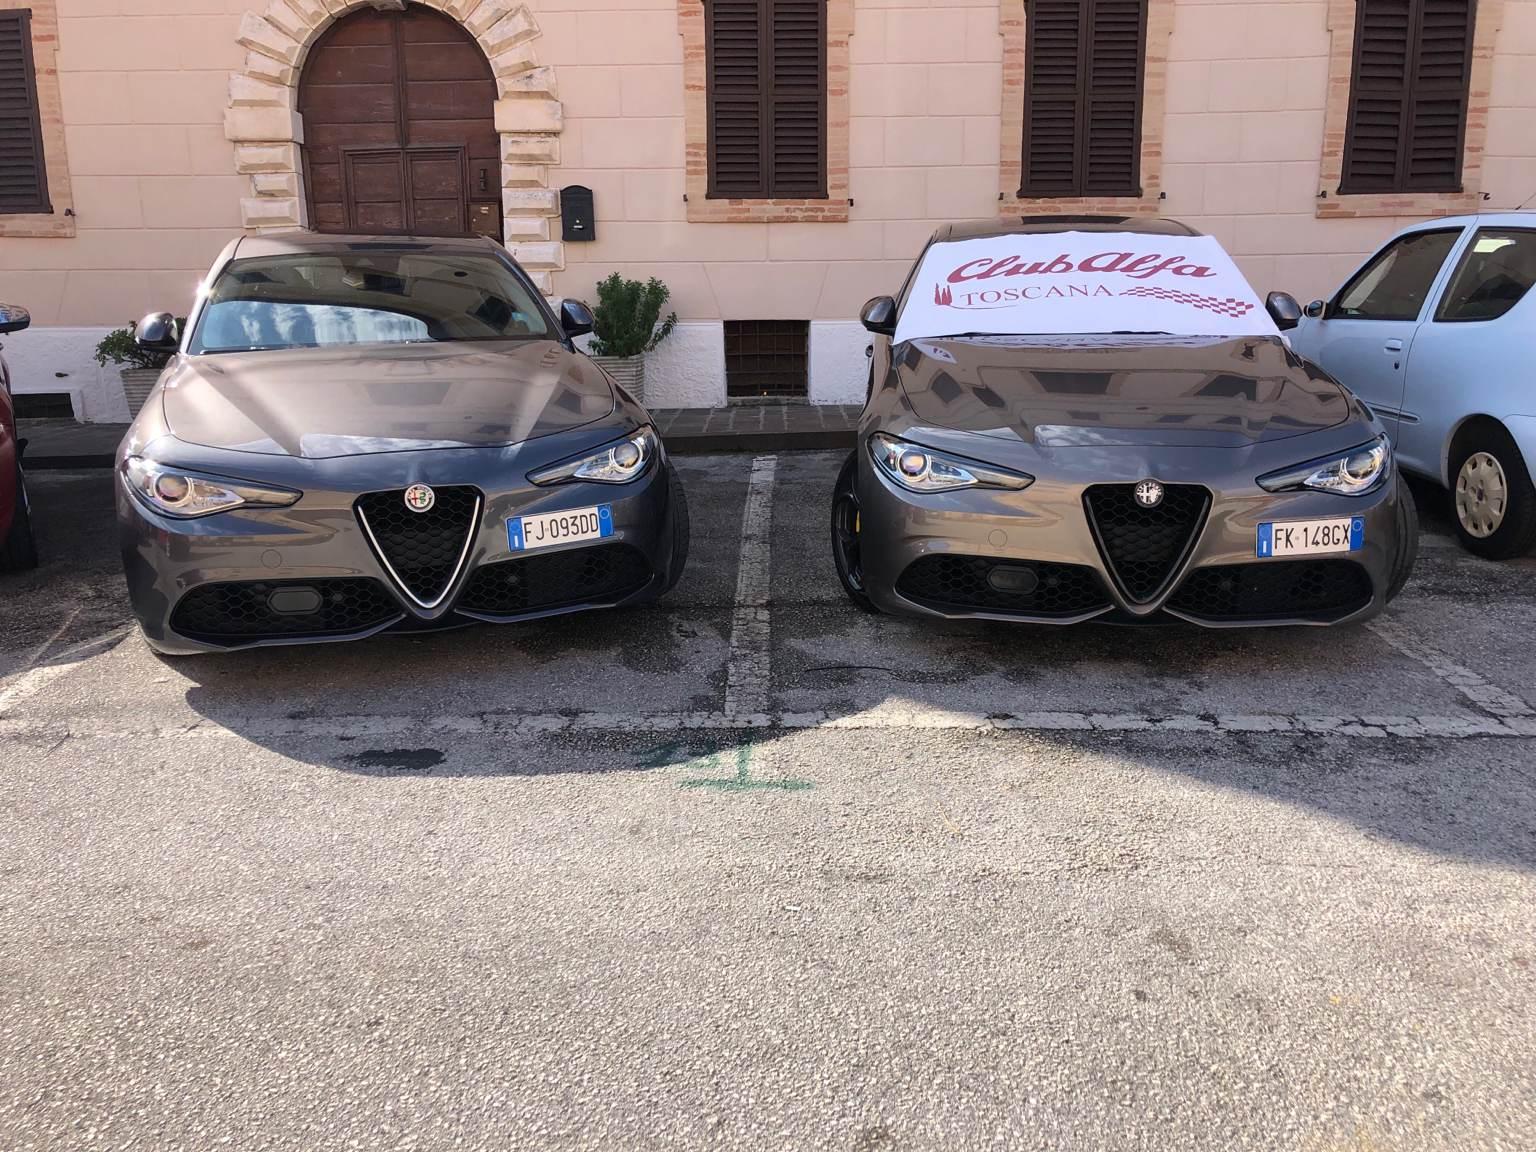 foto 5° raduno Alfa Romeo nella Vallesina 7/8 settembre 2019 - 7